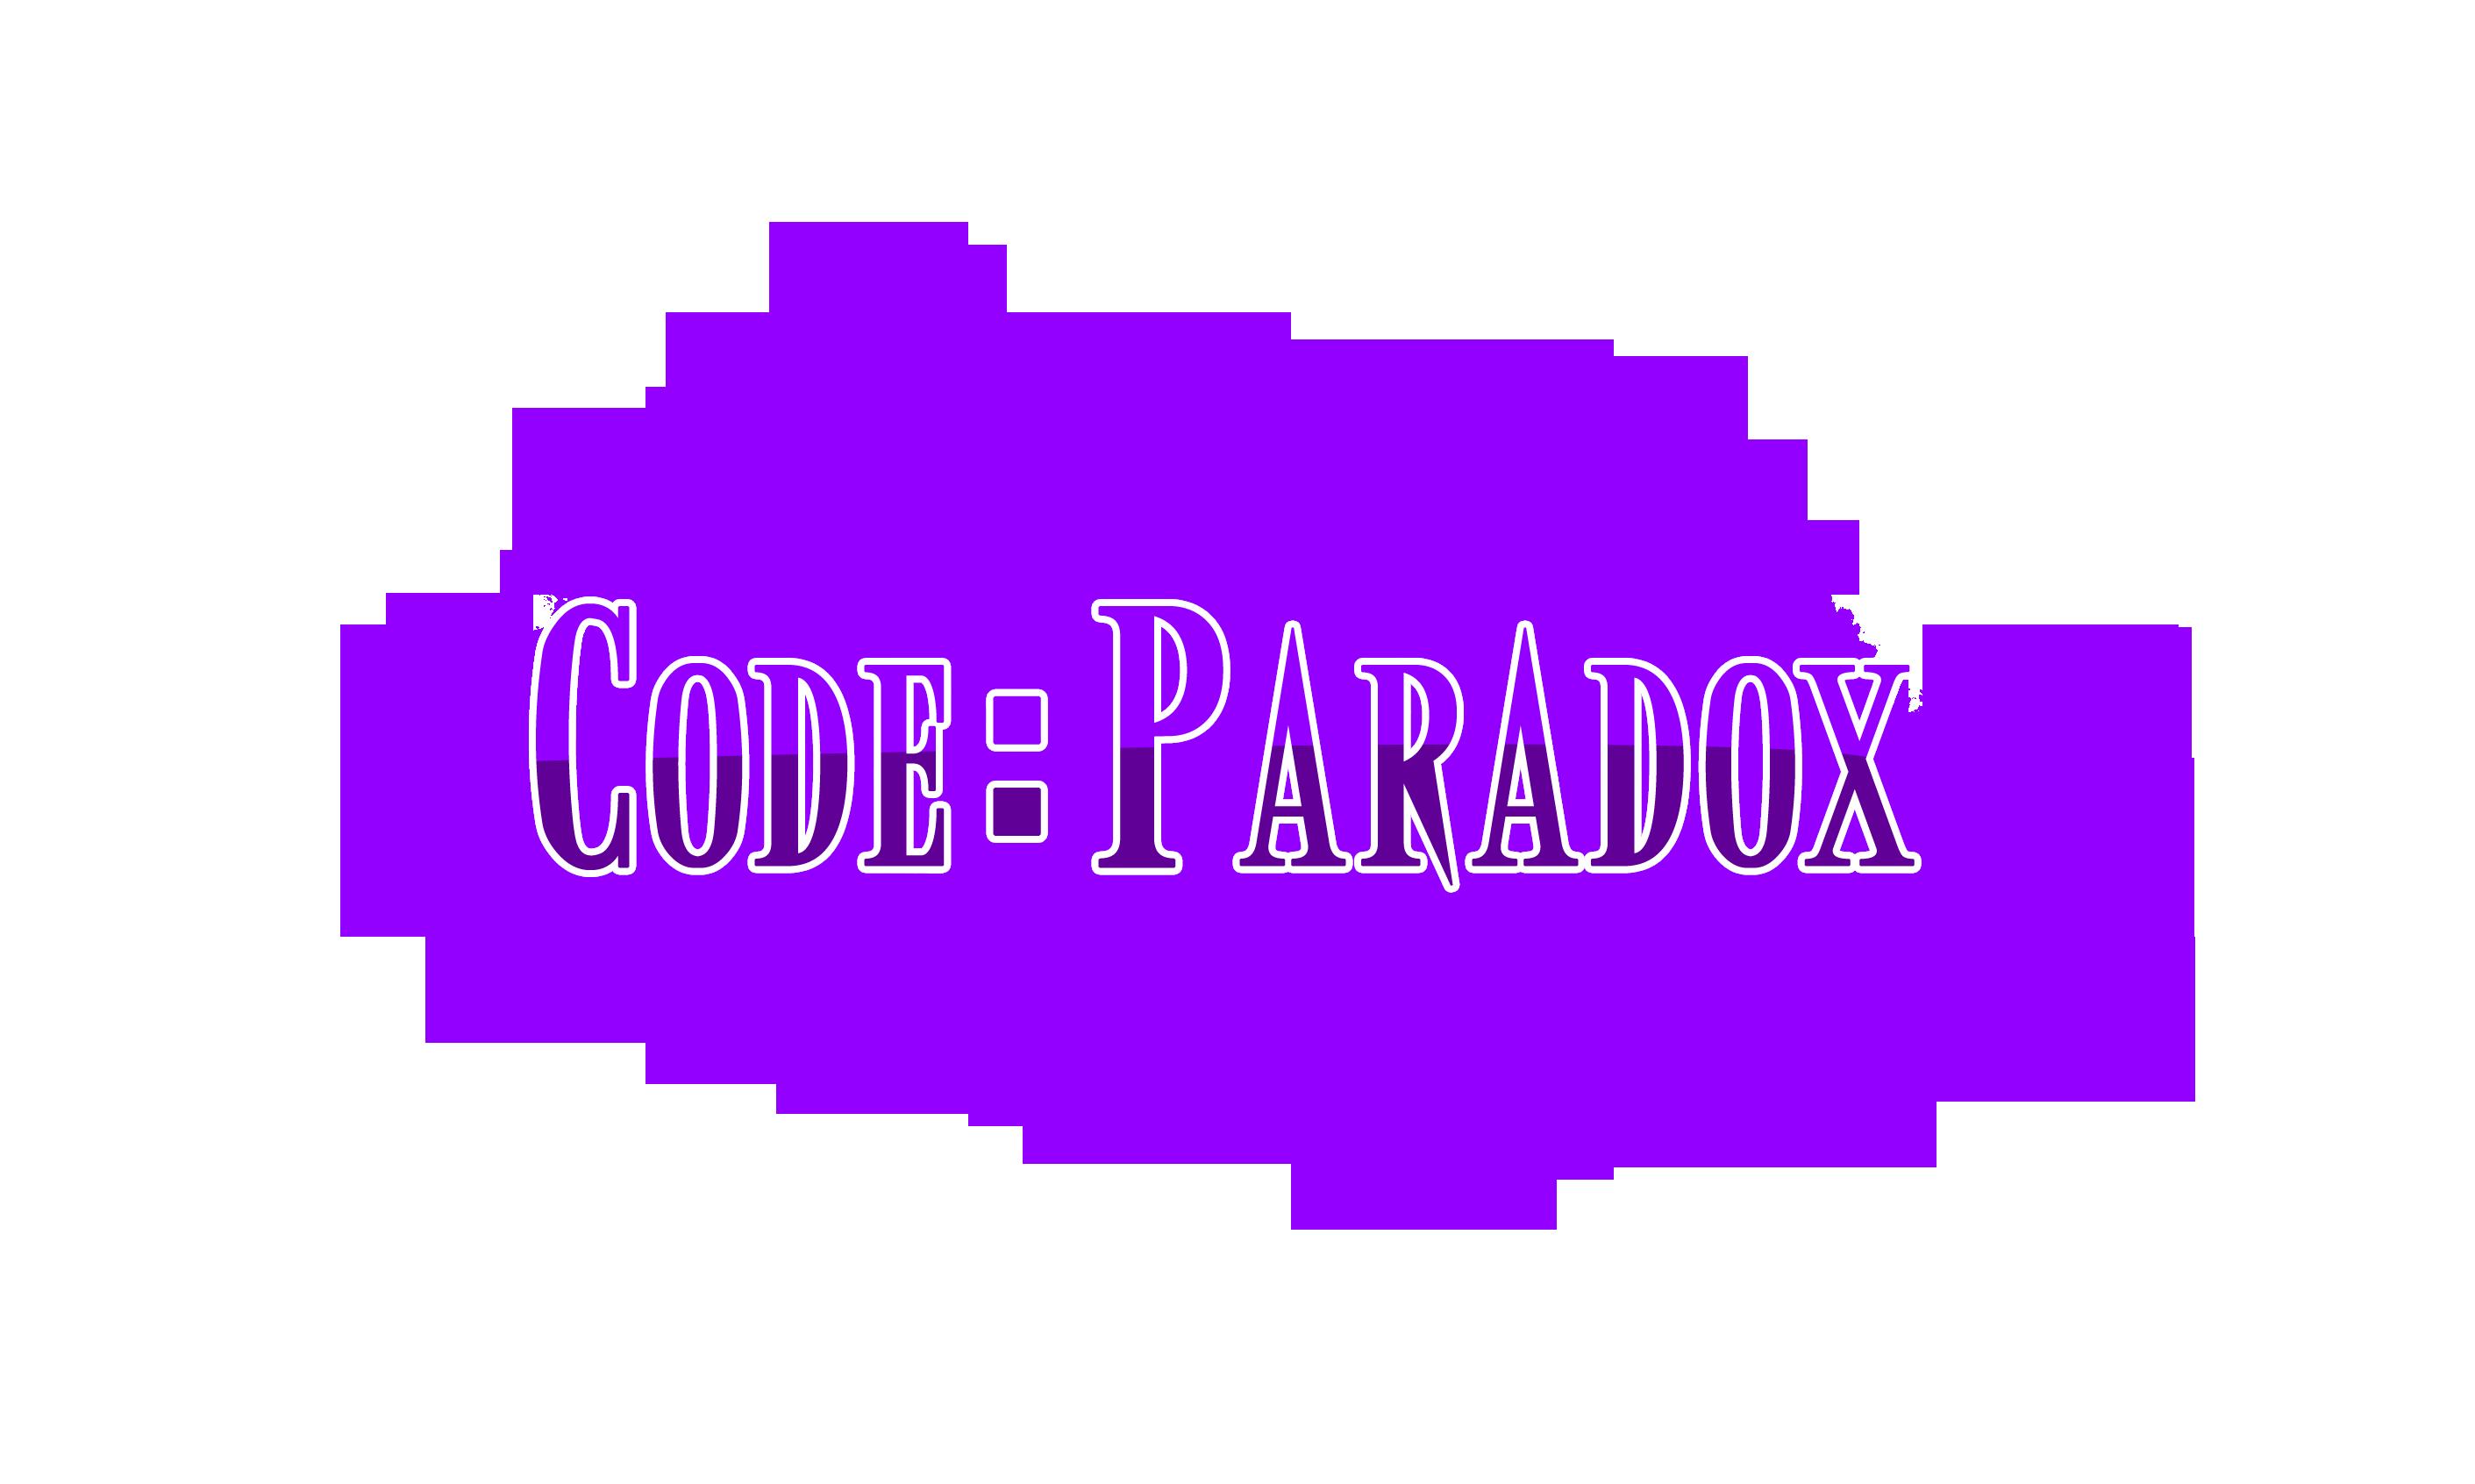 Code: Paradox